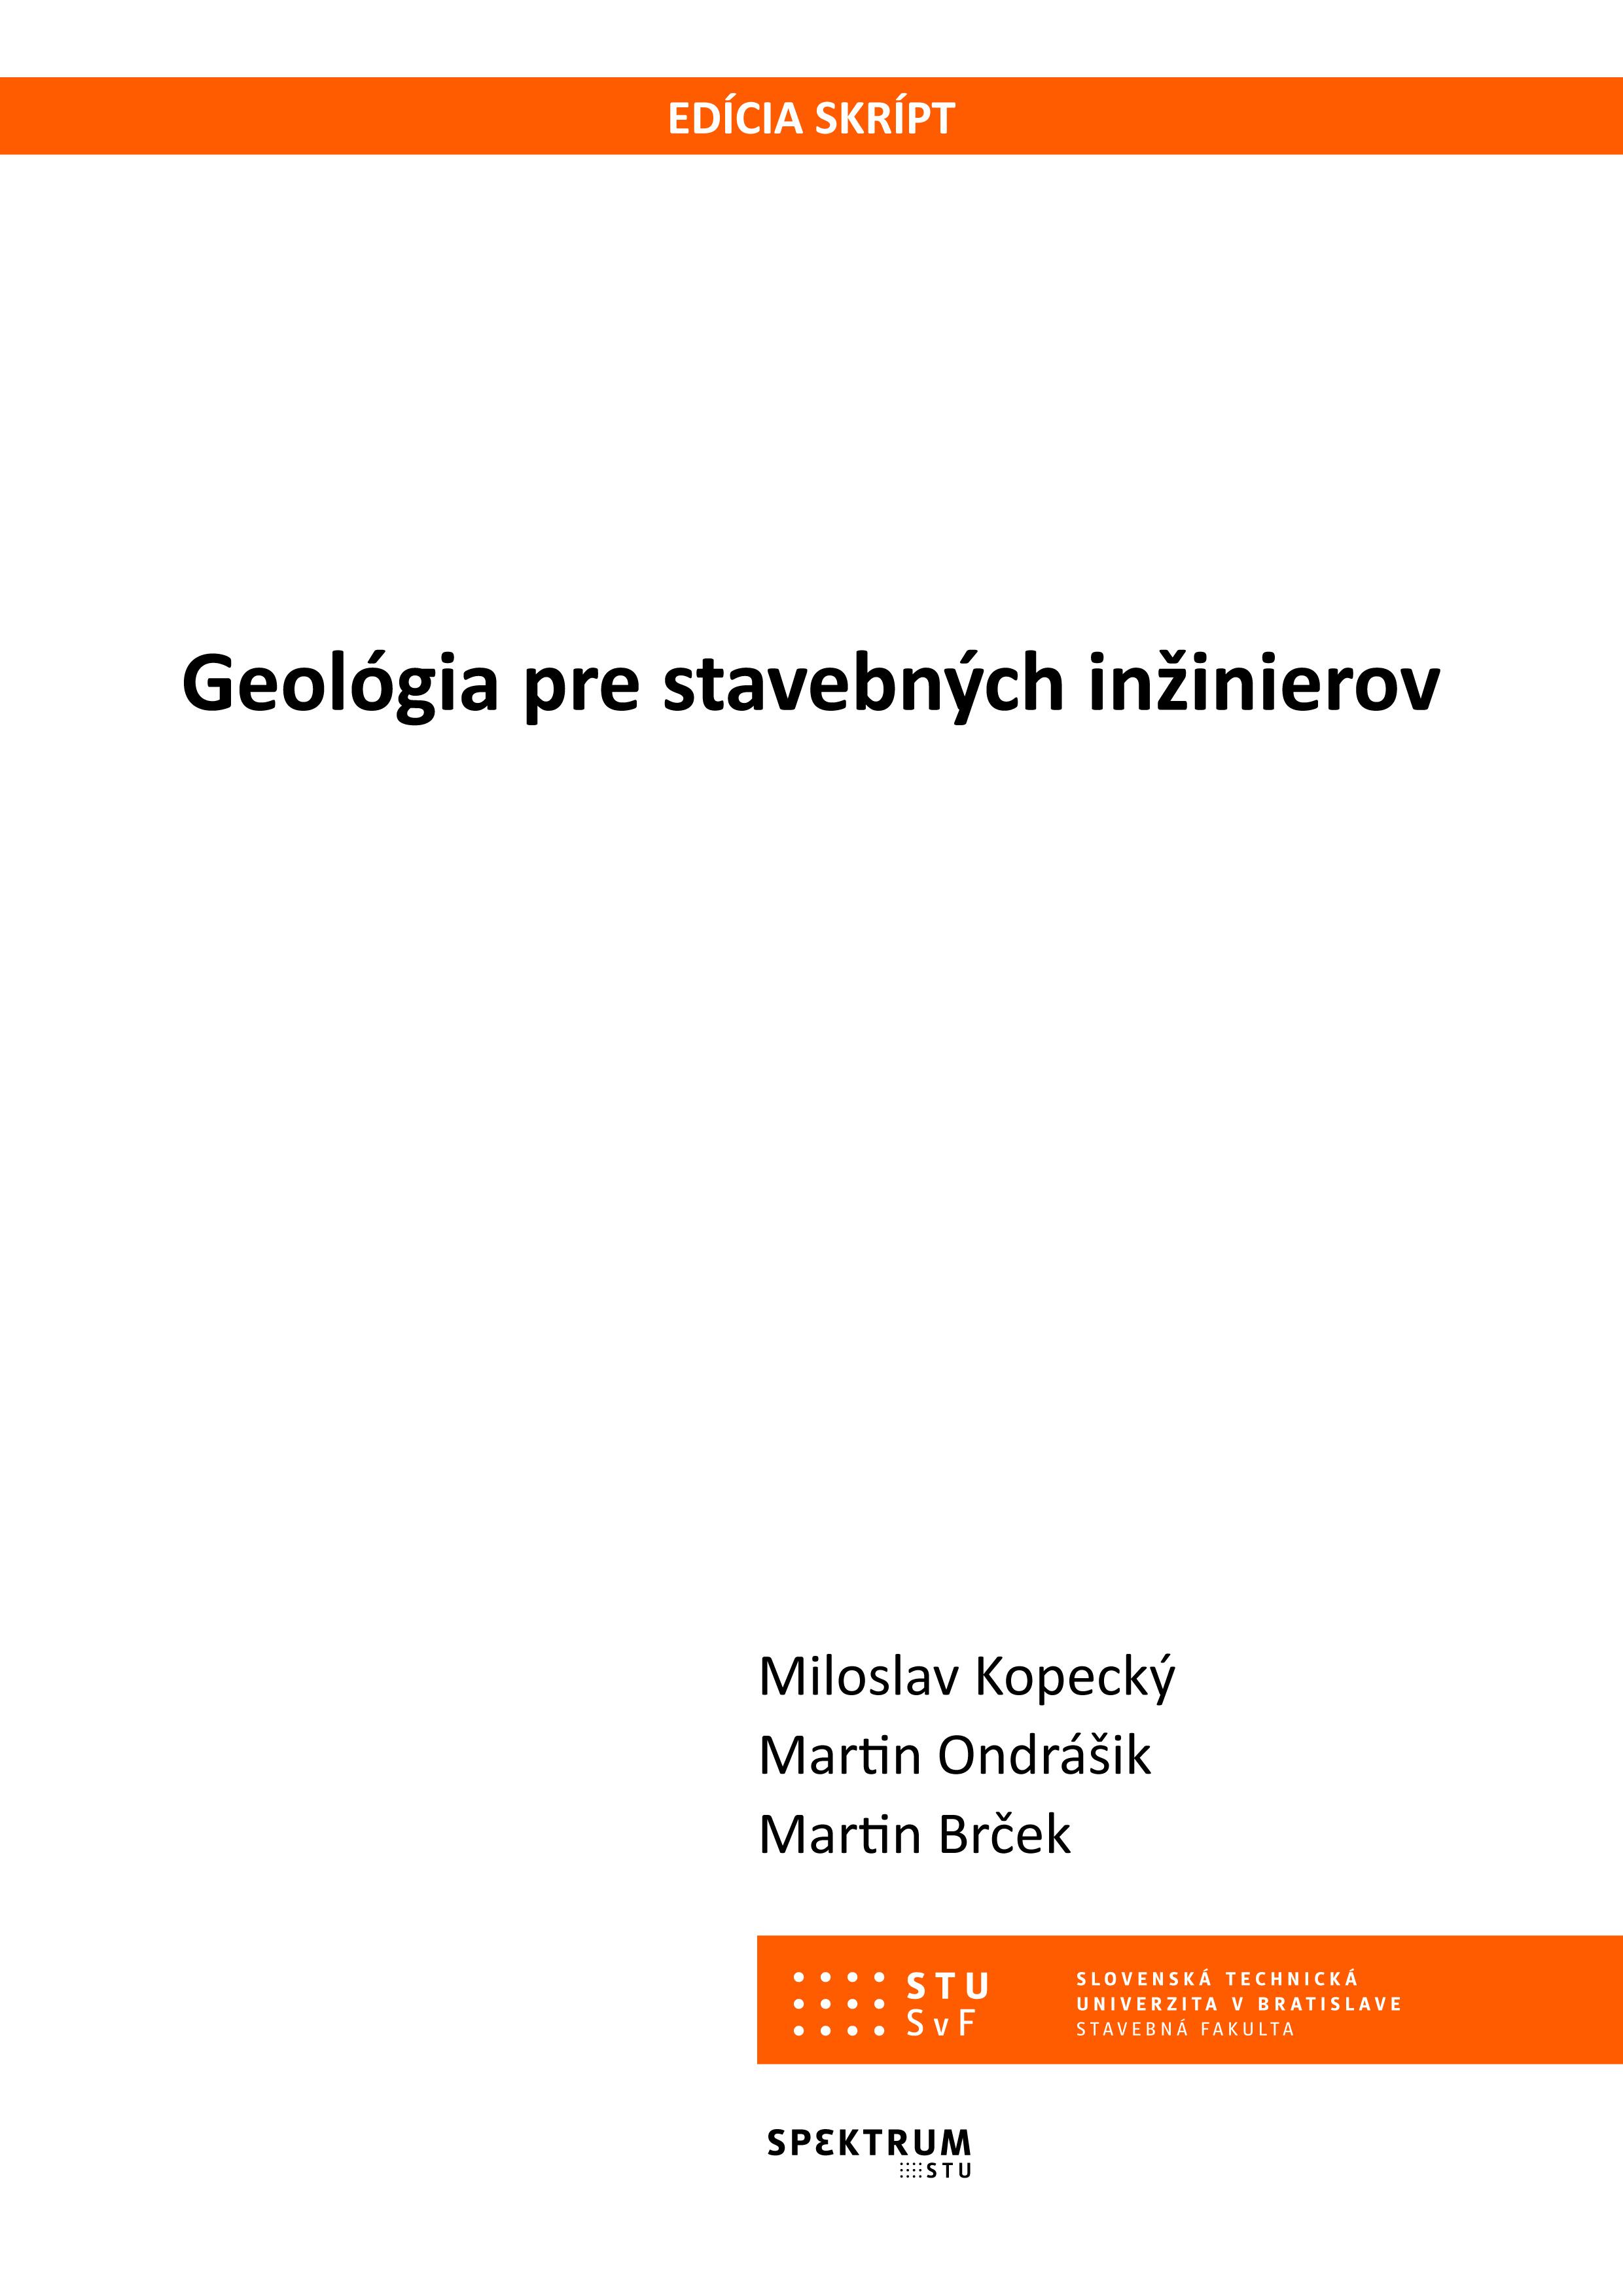 Geológia pre stavebných inžinierov